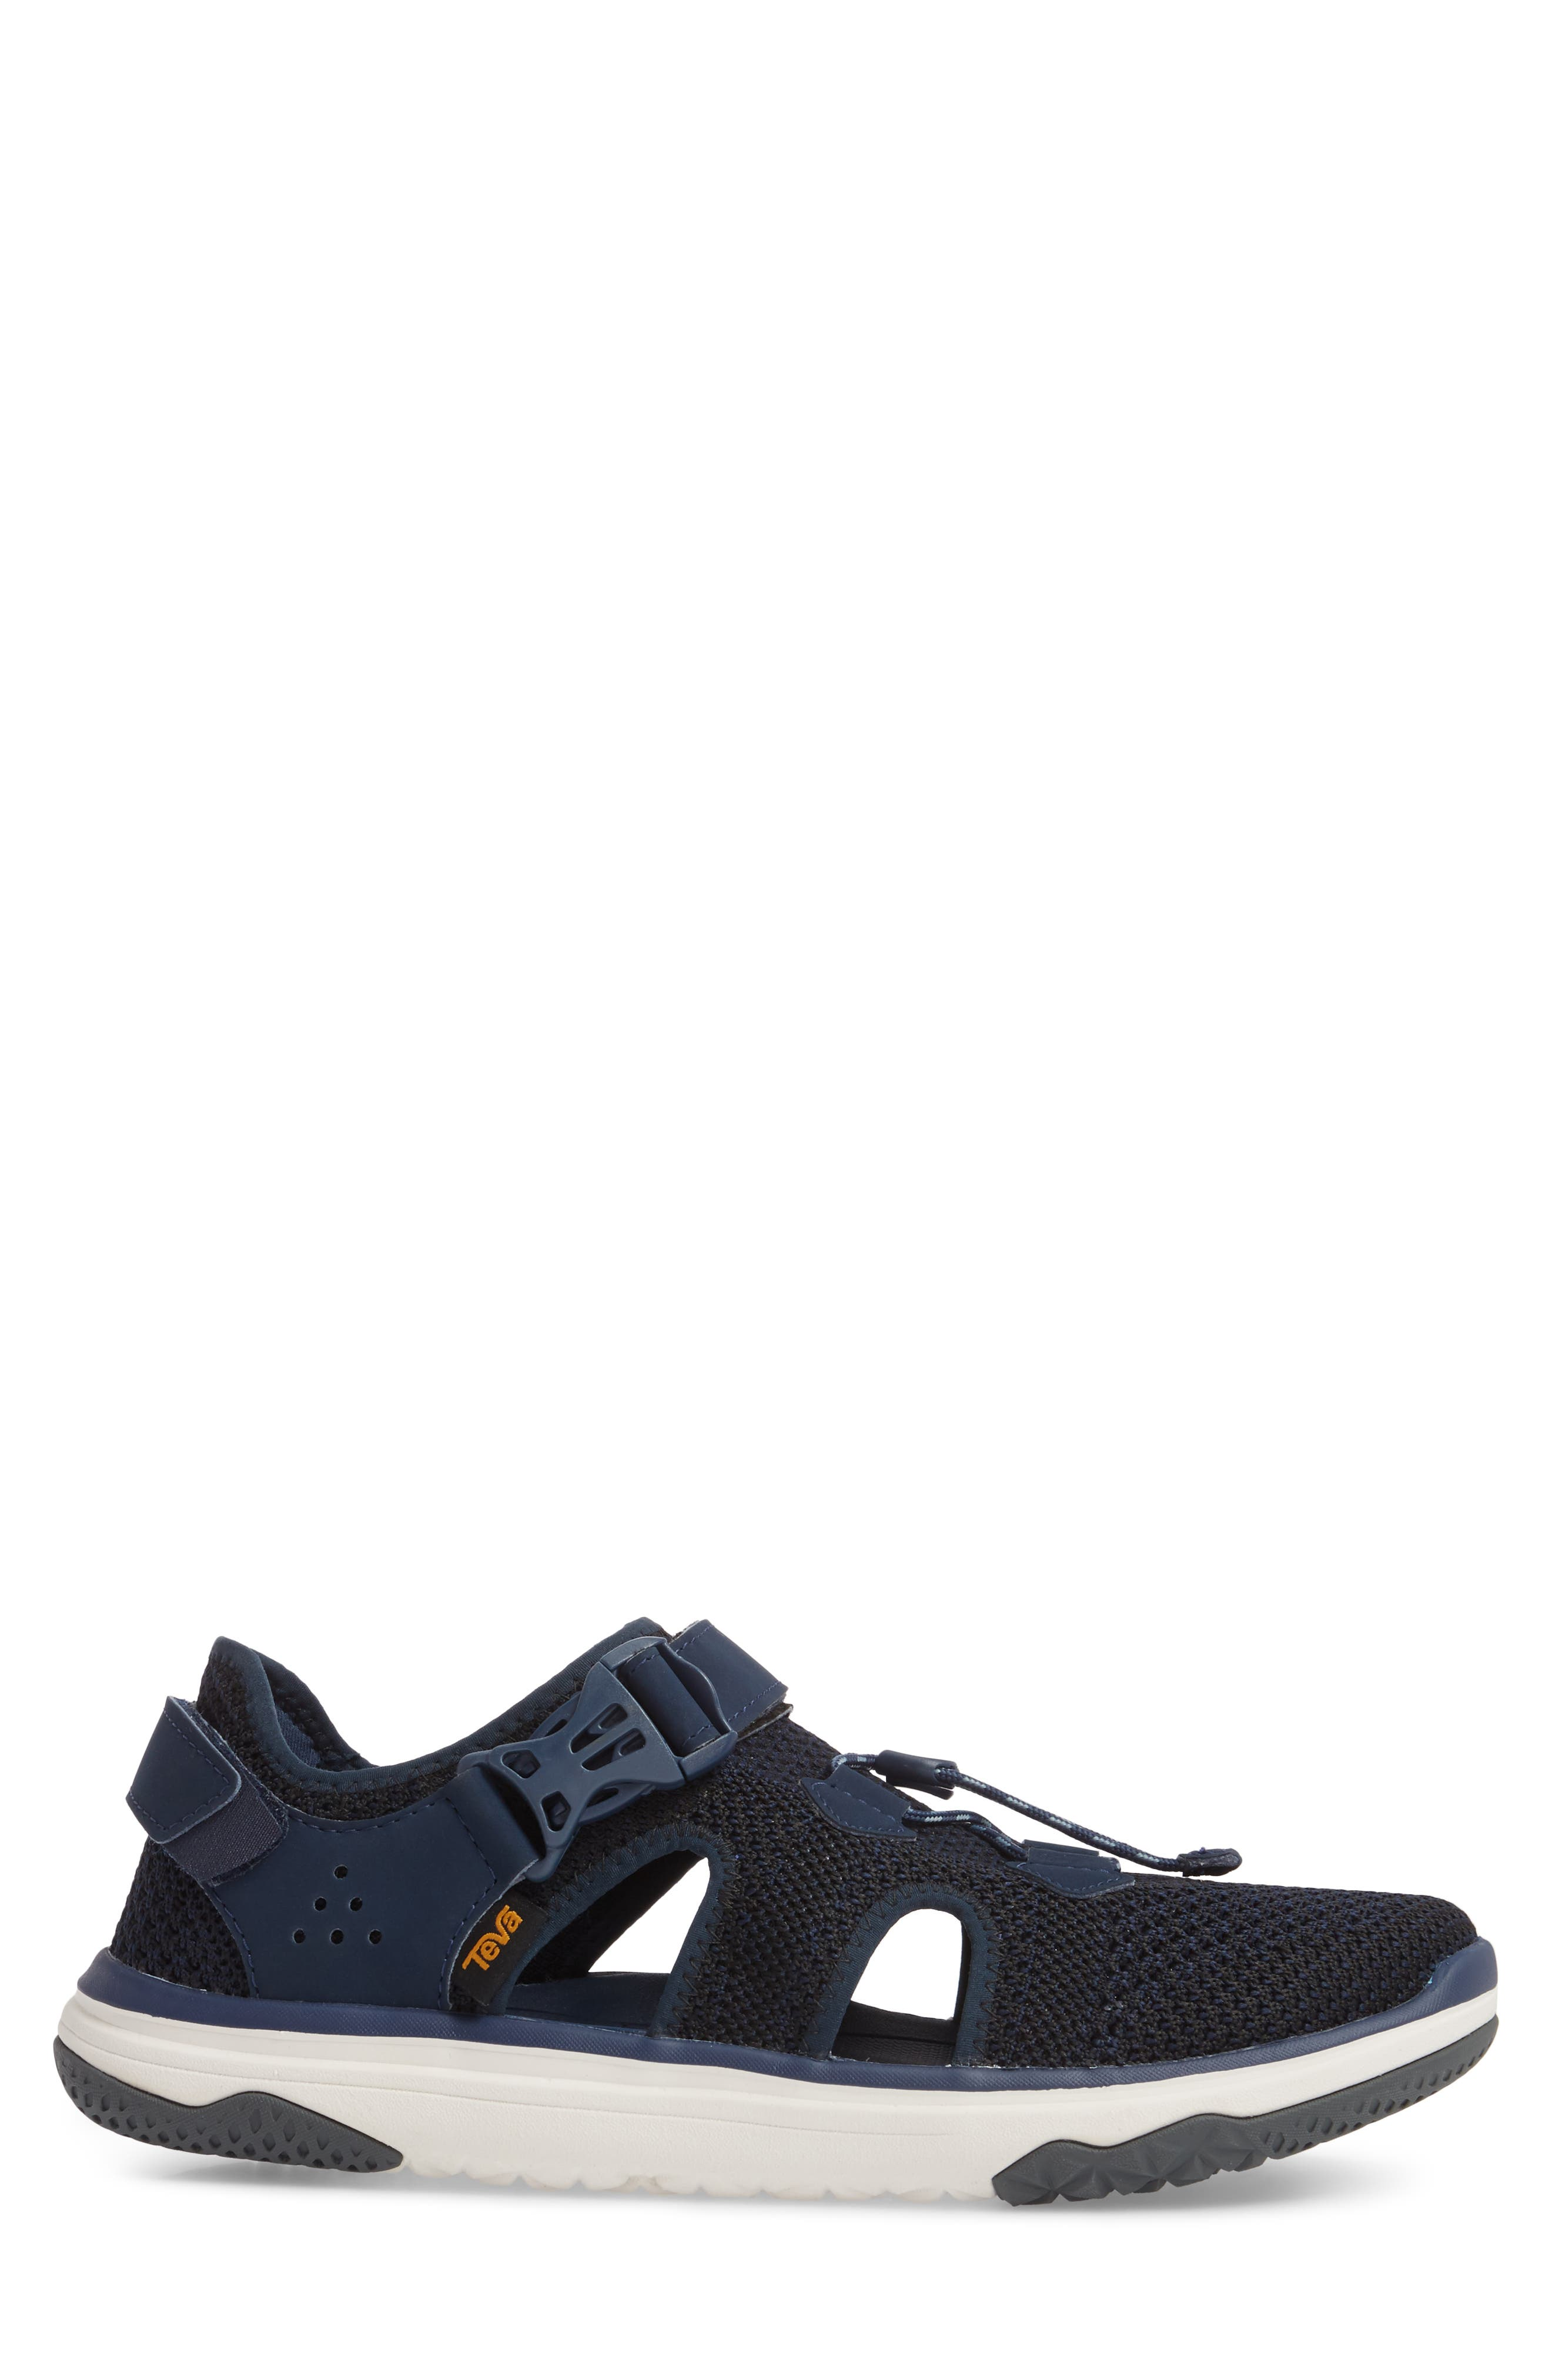 Terra Float Travel Sneaker,                             Alternate thumbnail 3, color,                             Navy Knit